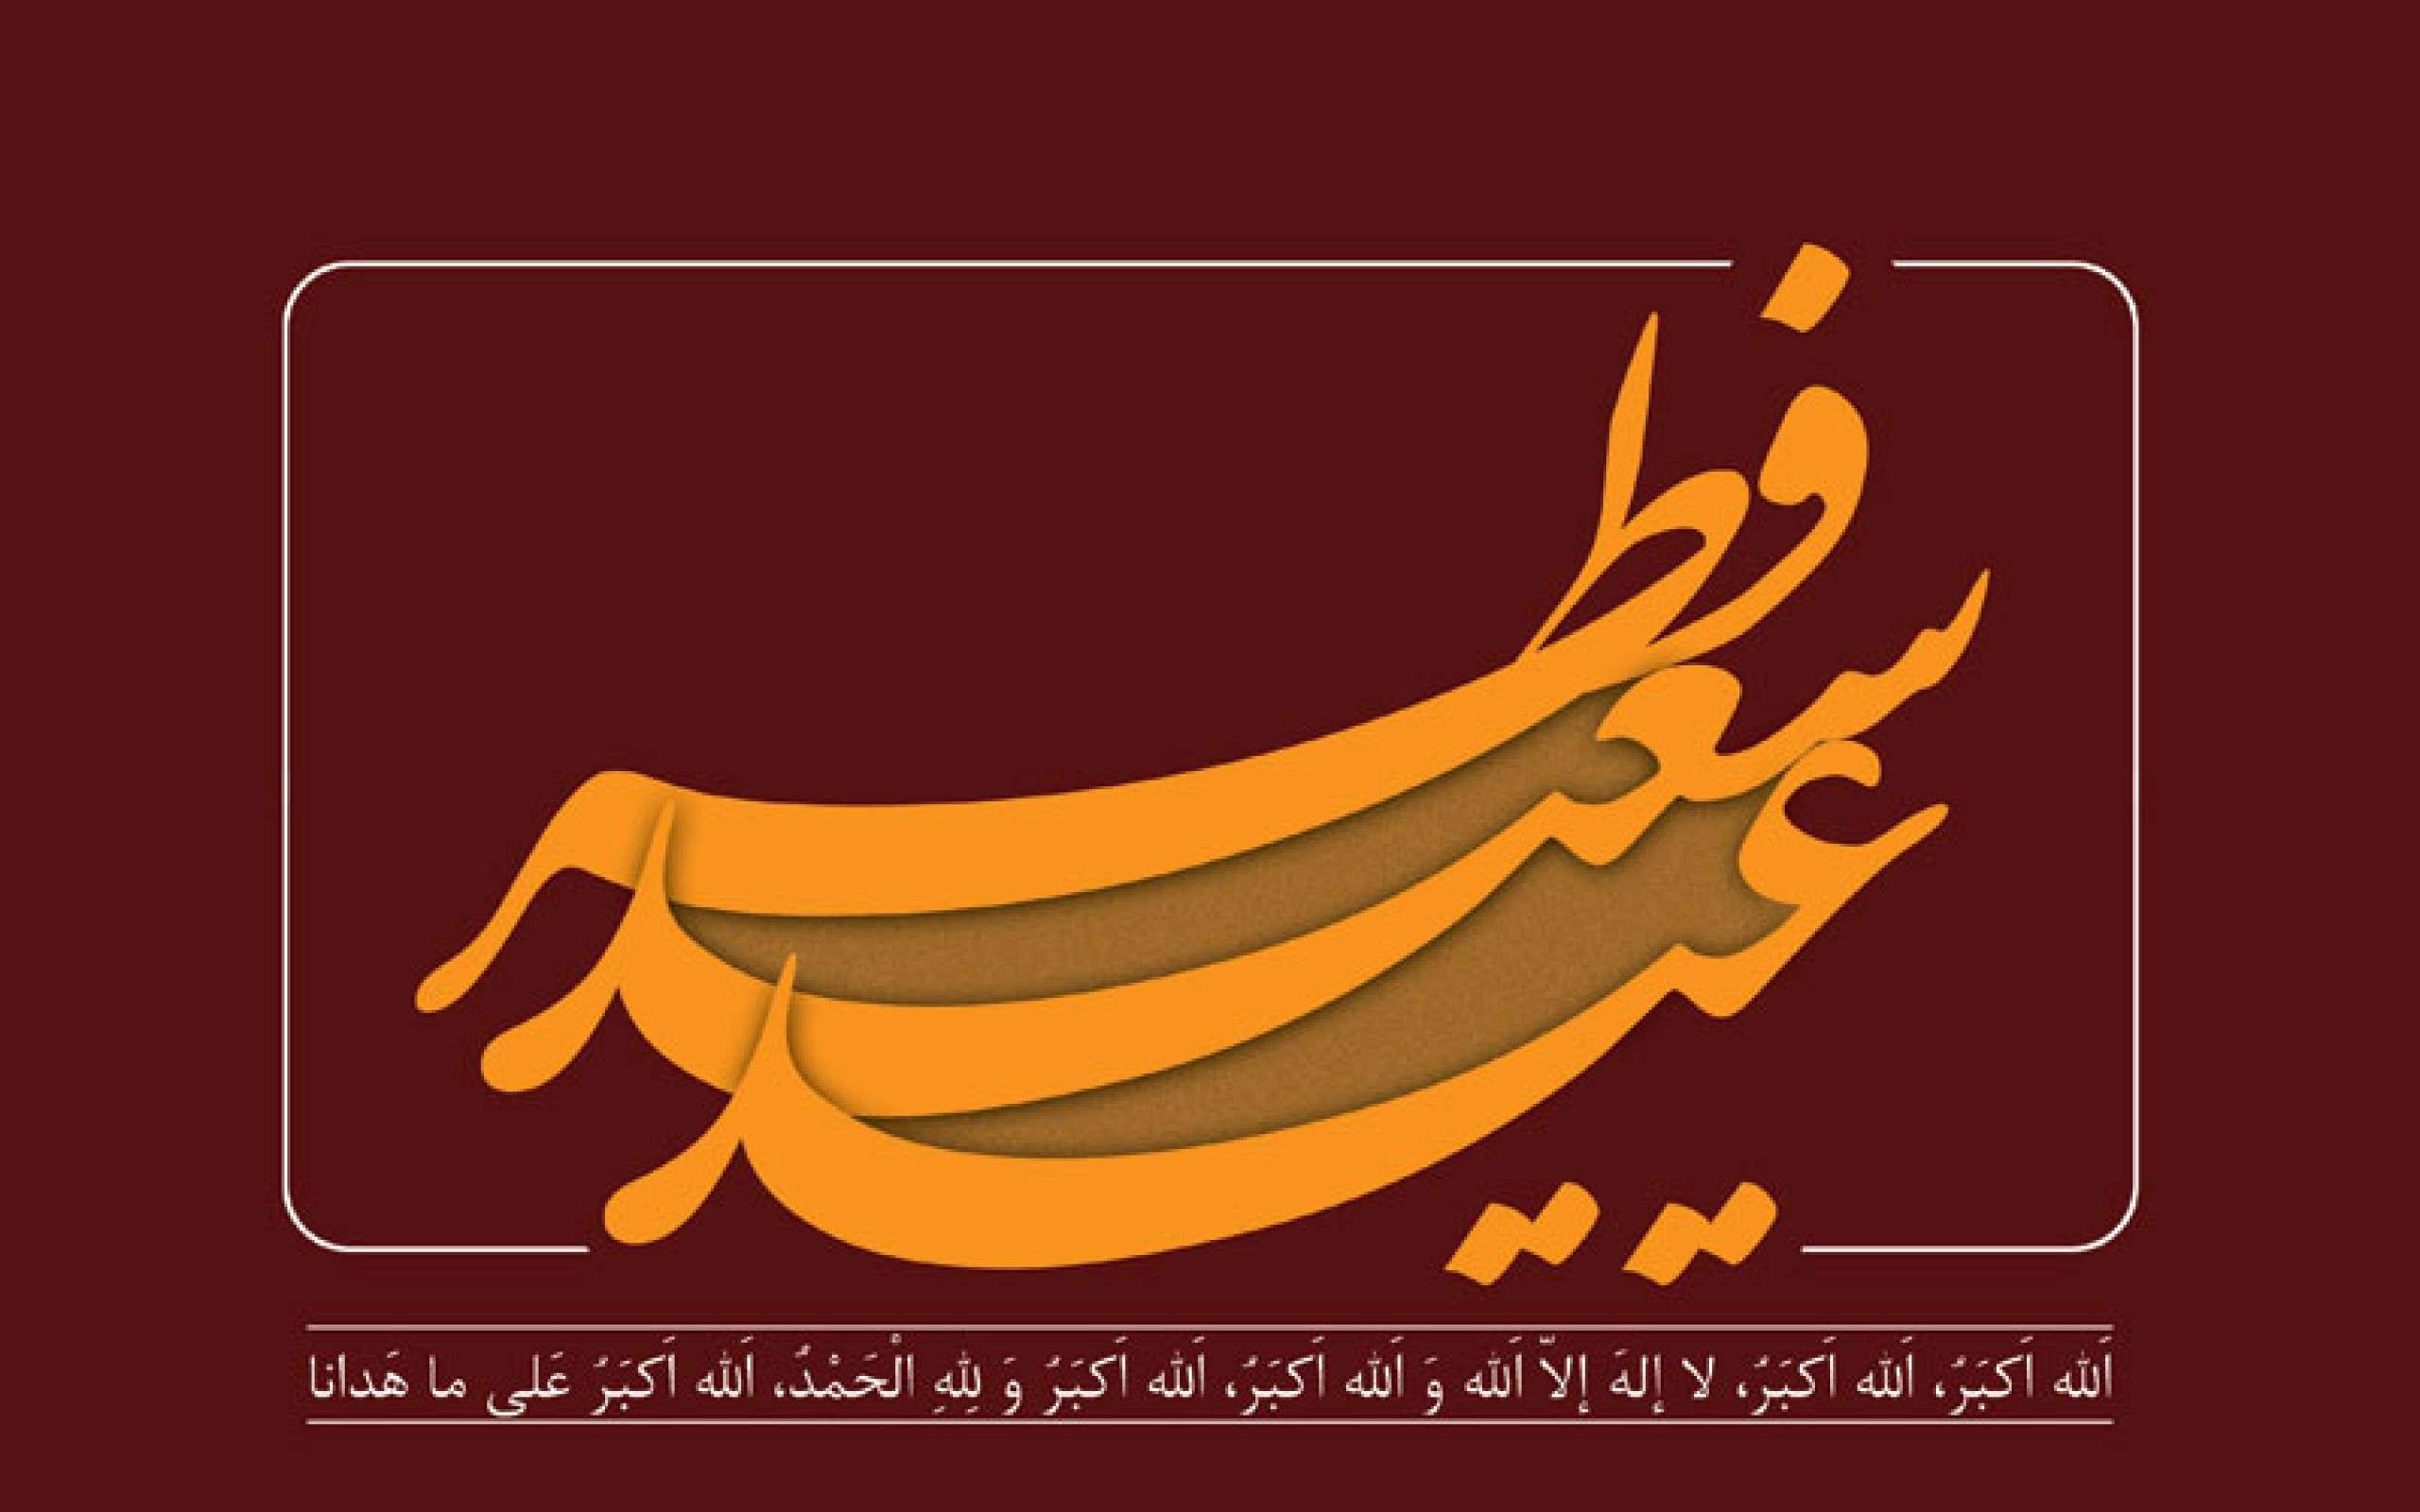 عید سعید فط مبارک